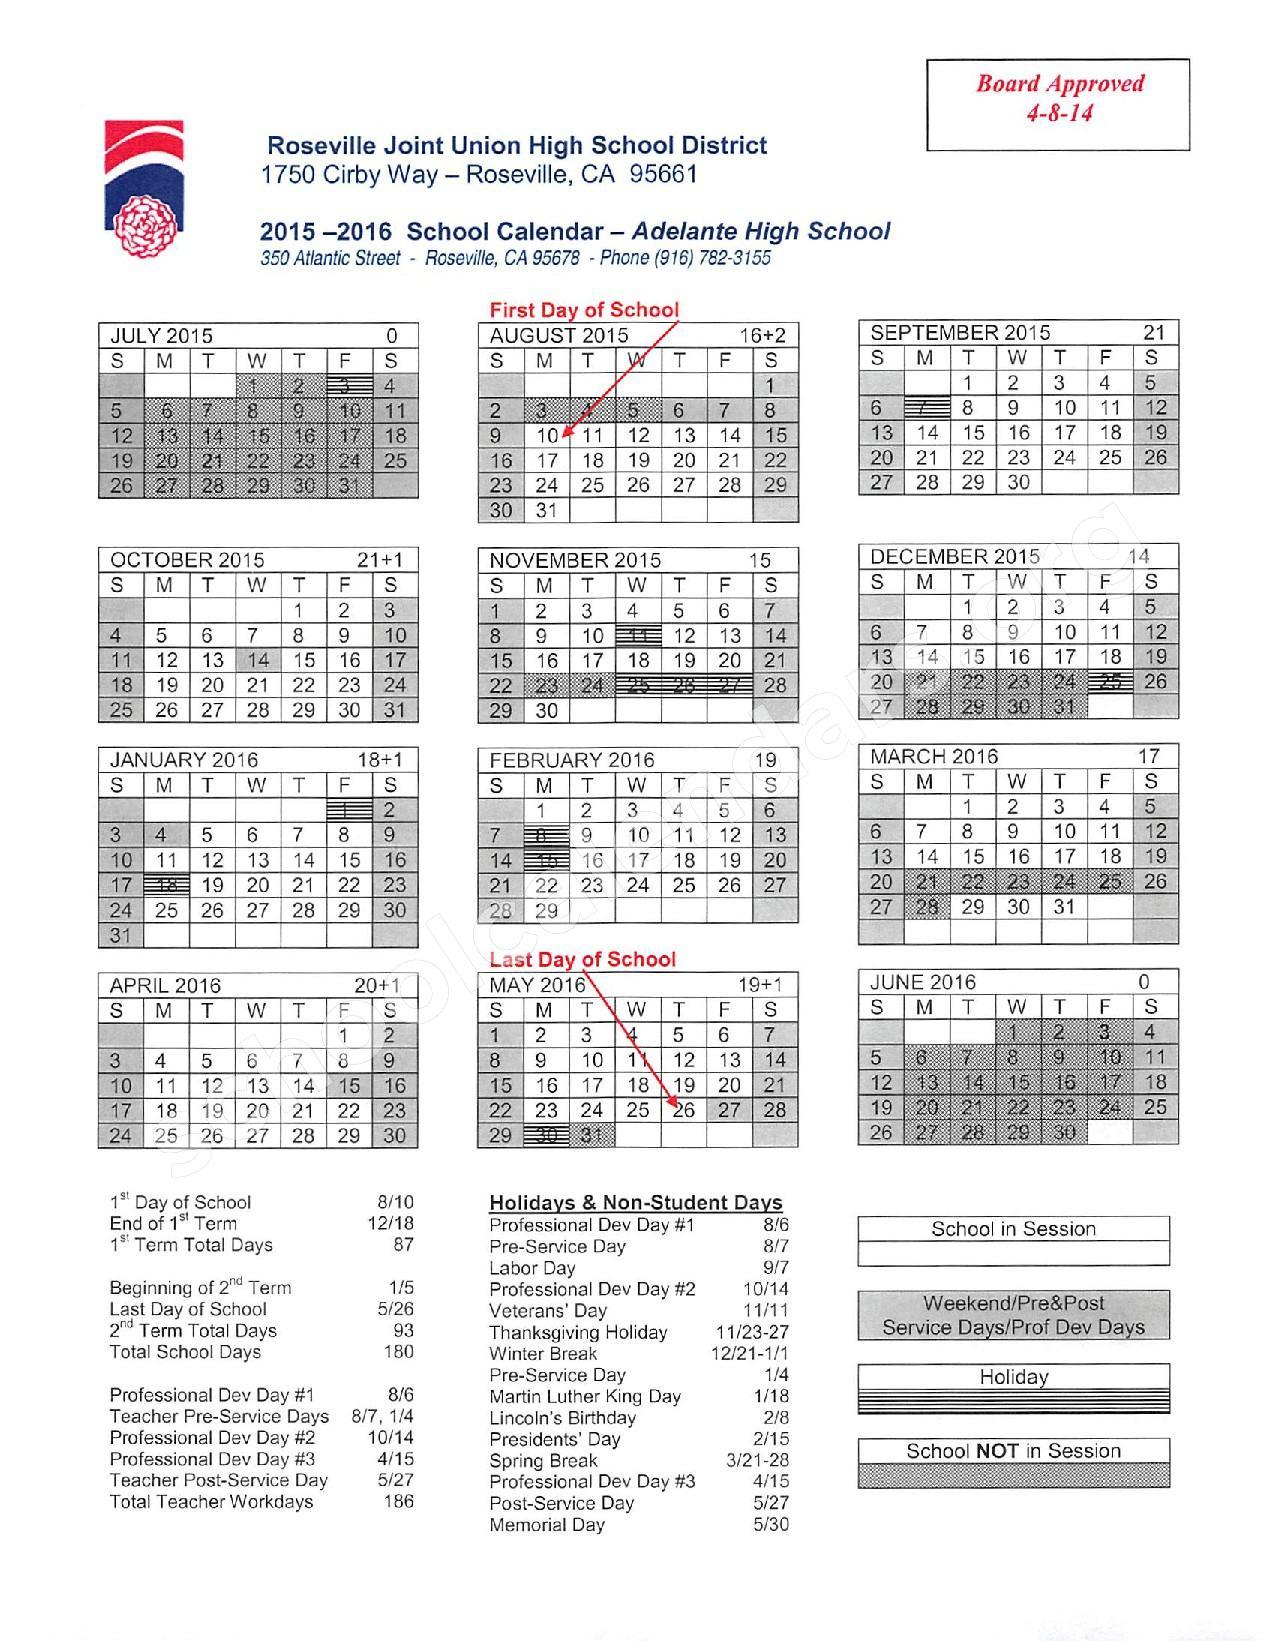 Roseville Joint Union High School District Calendars In Aiken High School Sc Calendar For 2015